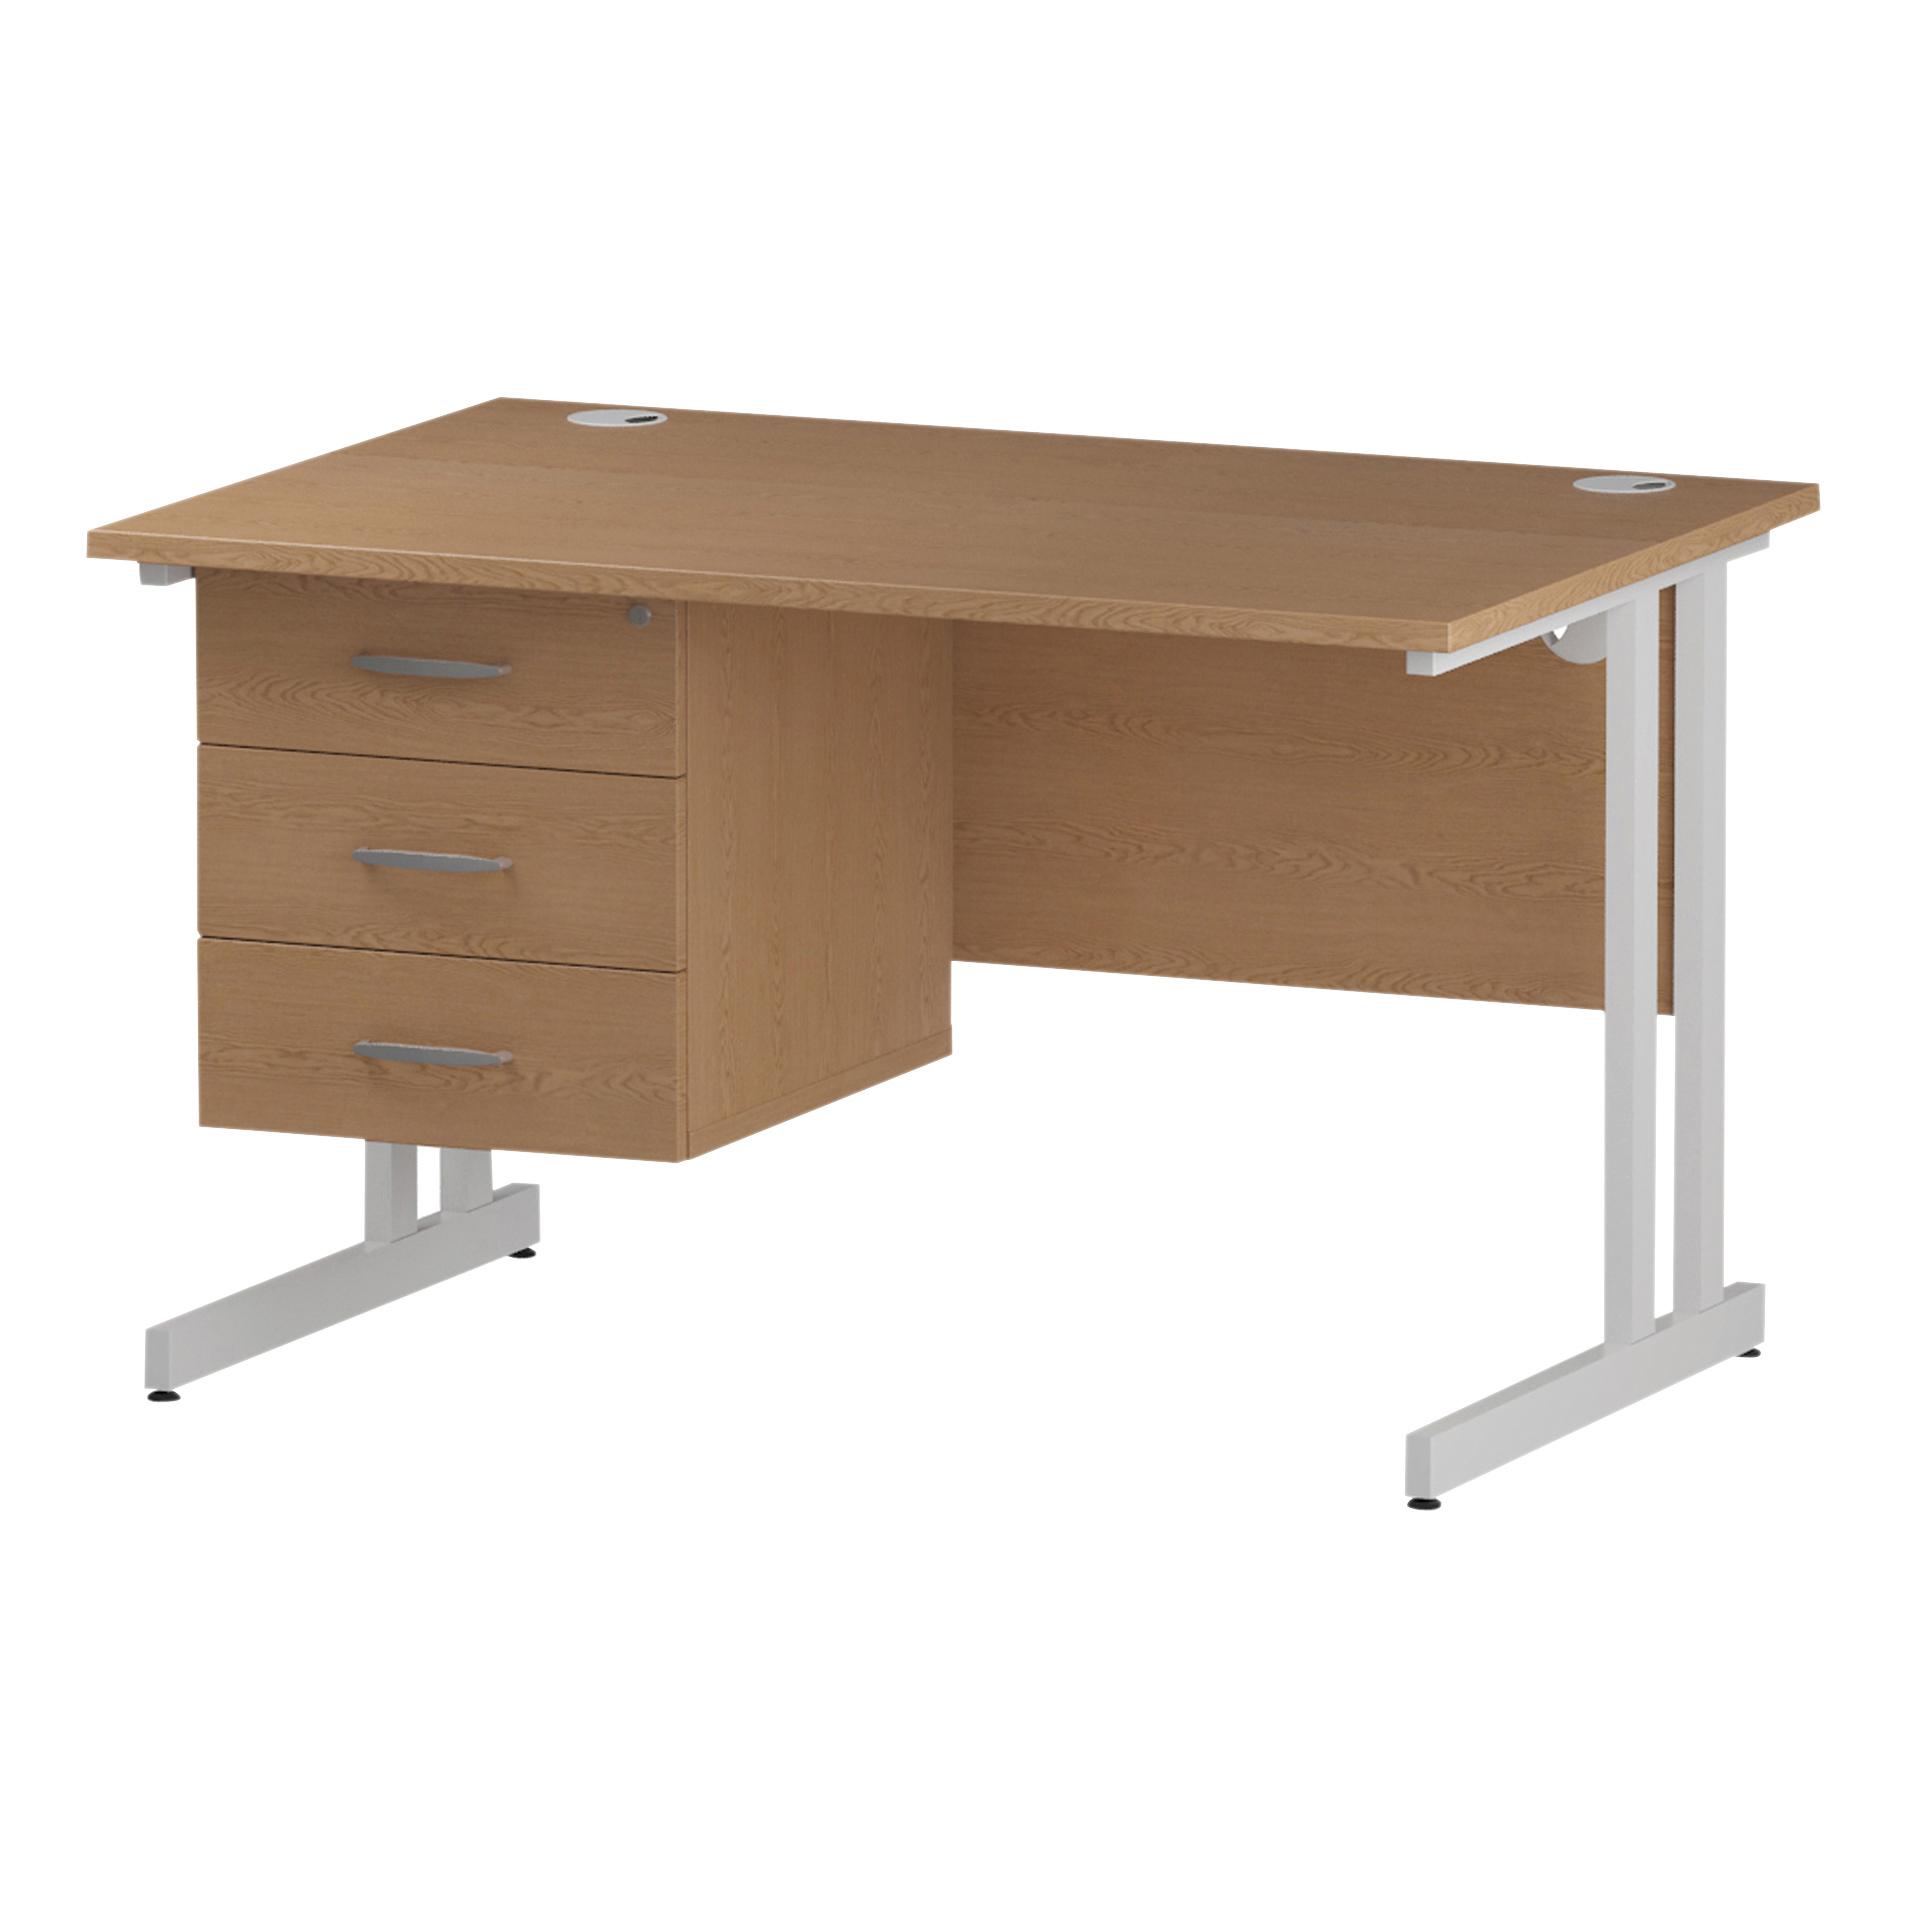 Trexus Rectangular Desk White Cantilever Leg 1200x800mm Fixed Pedestal 3 Drawers Oak Ref I002669